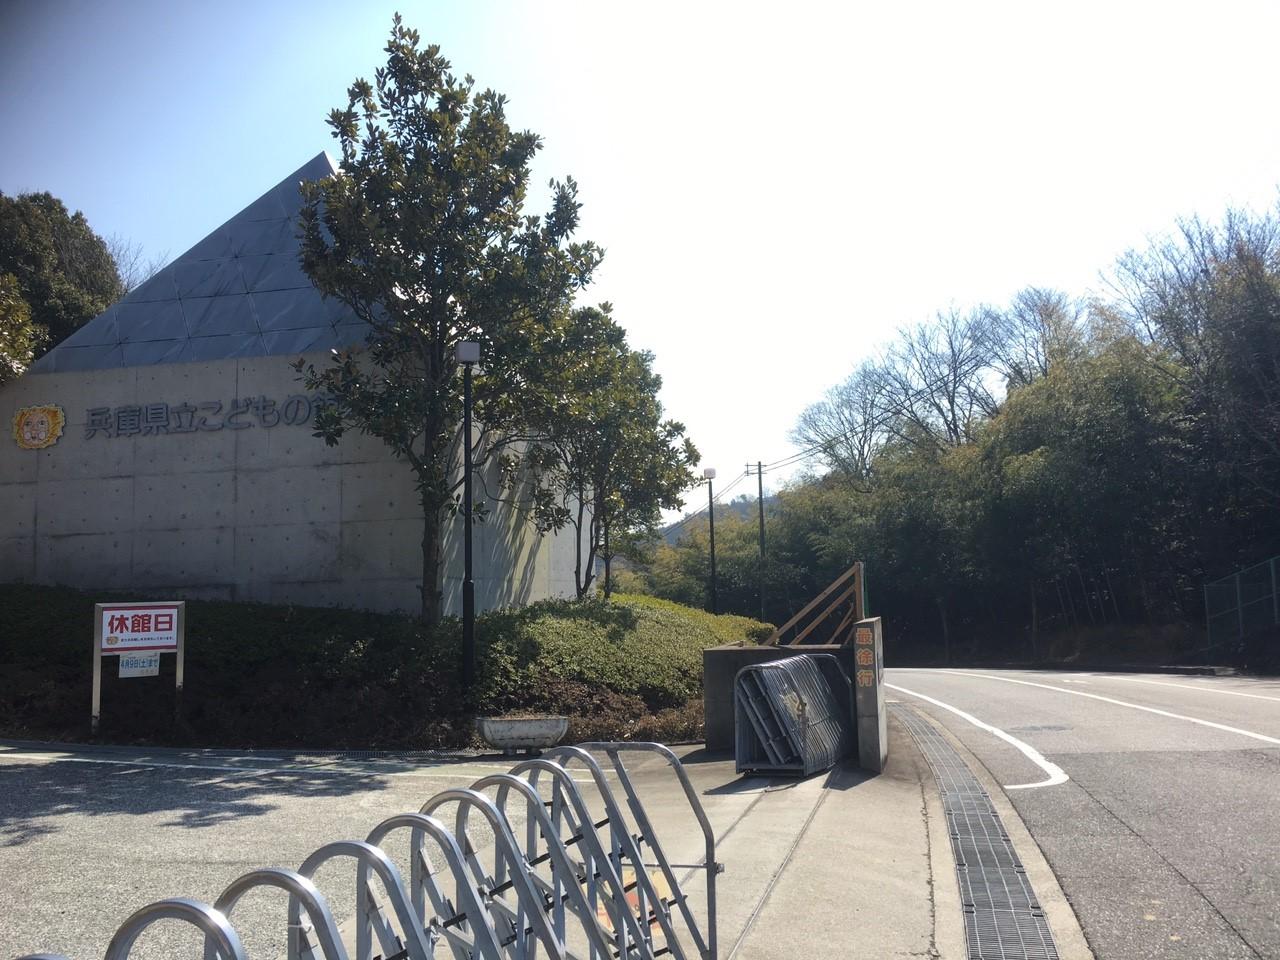 姫路科学館が大規模な改修工事をしている。_5916